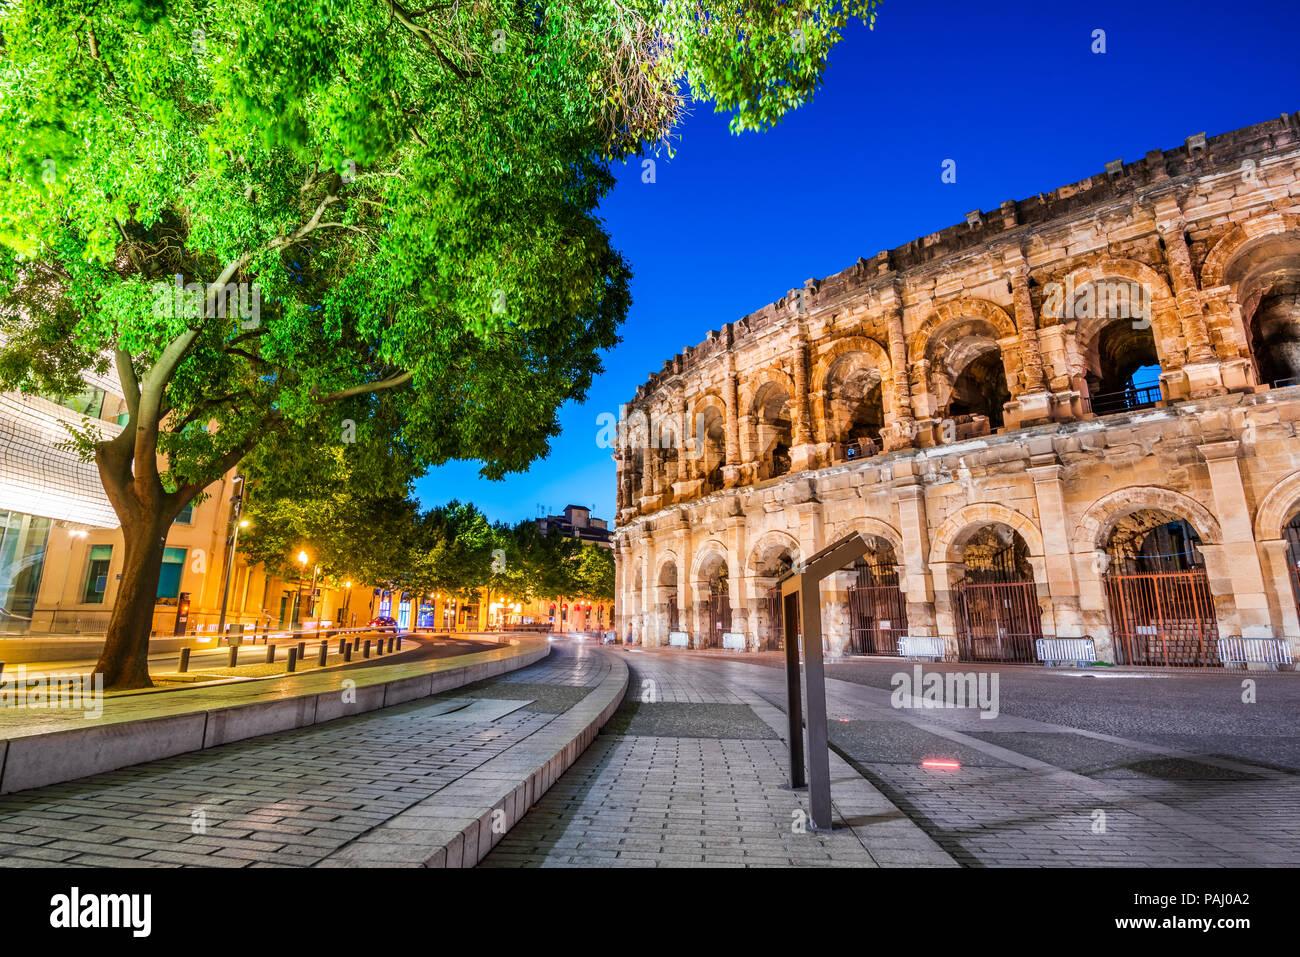 Nimes, antike römische Amphitheater im occitanie Region im Süden Frankreichs. Herrliche große Arena. Stockbild